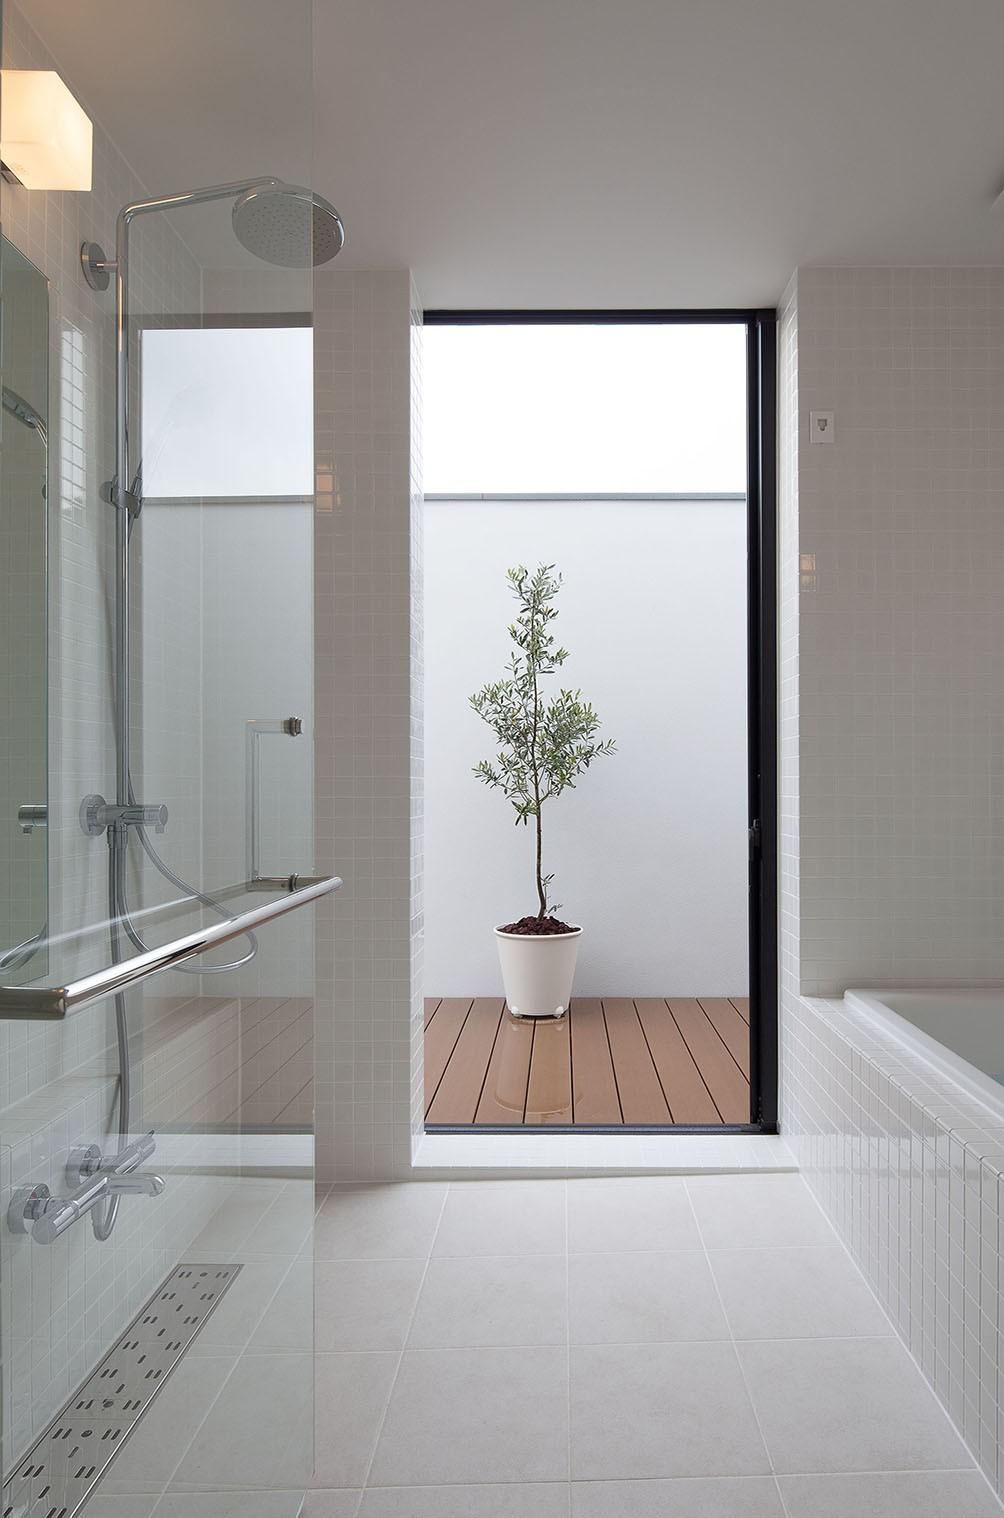 リビングダイニング事例:バスコートのある浴室(石壁の家 -内外の連続性をつくりだす石壁-)